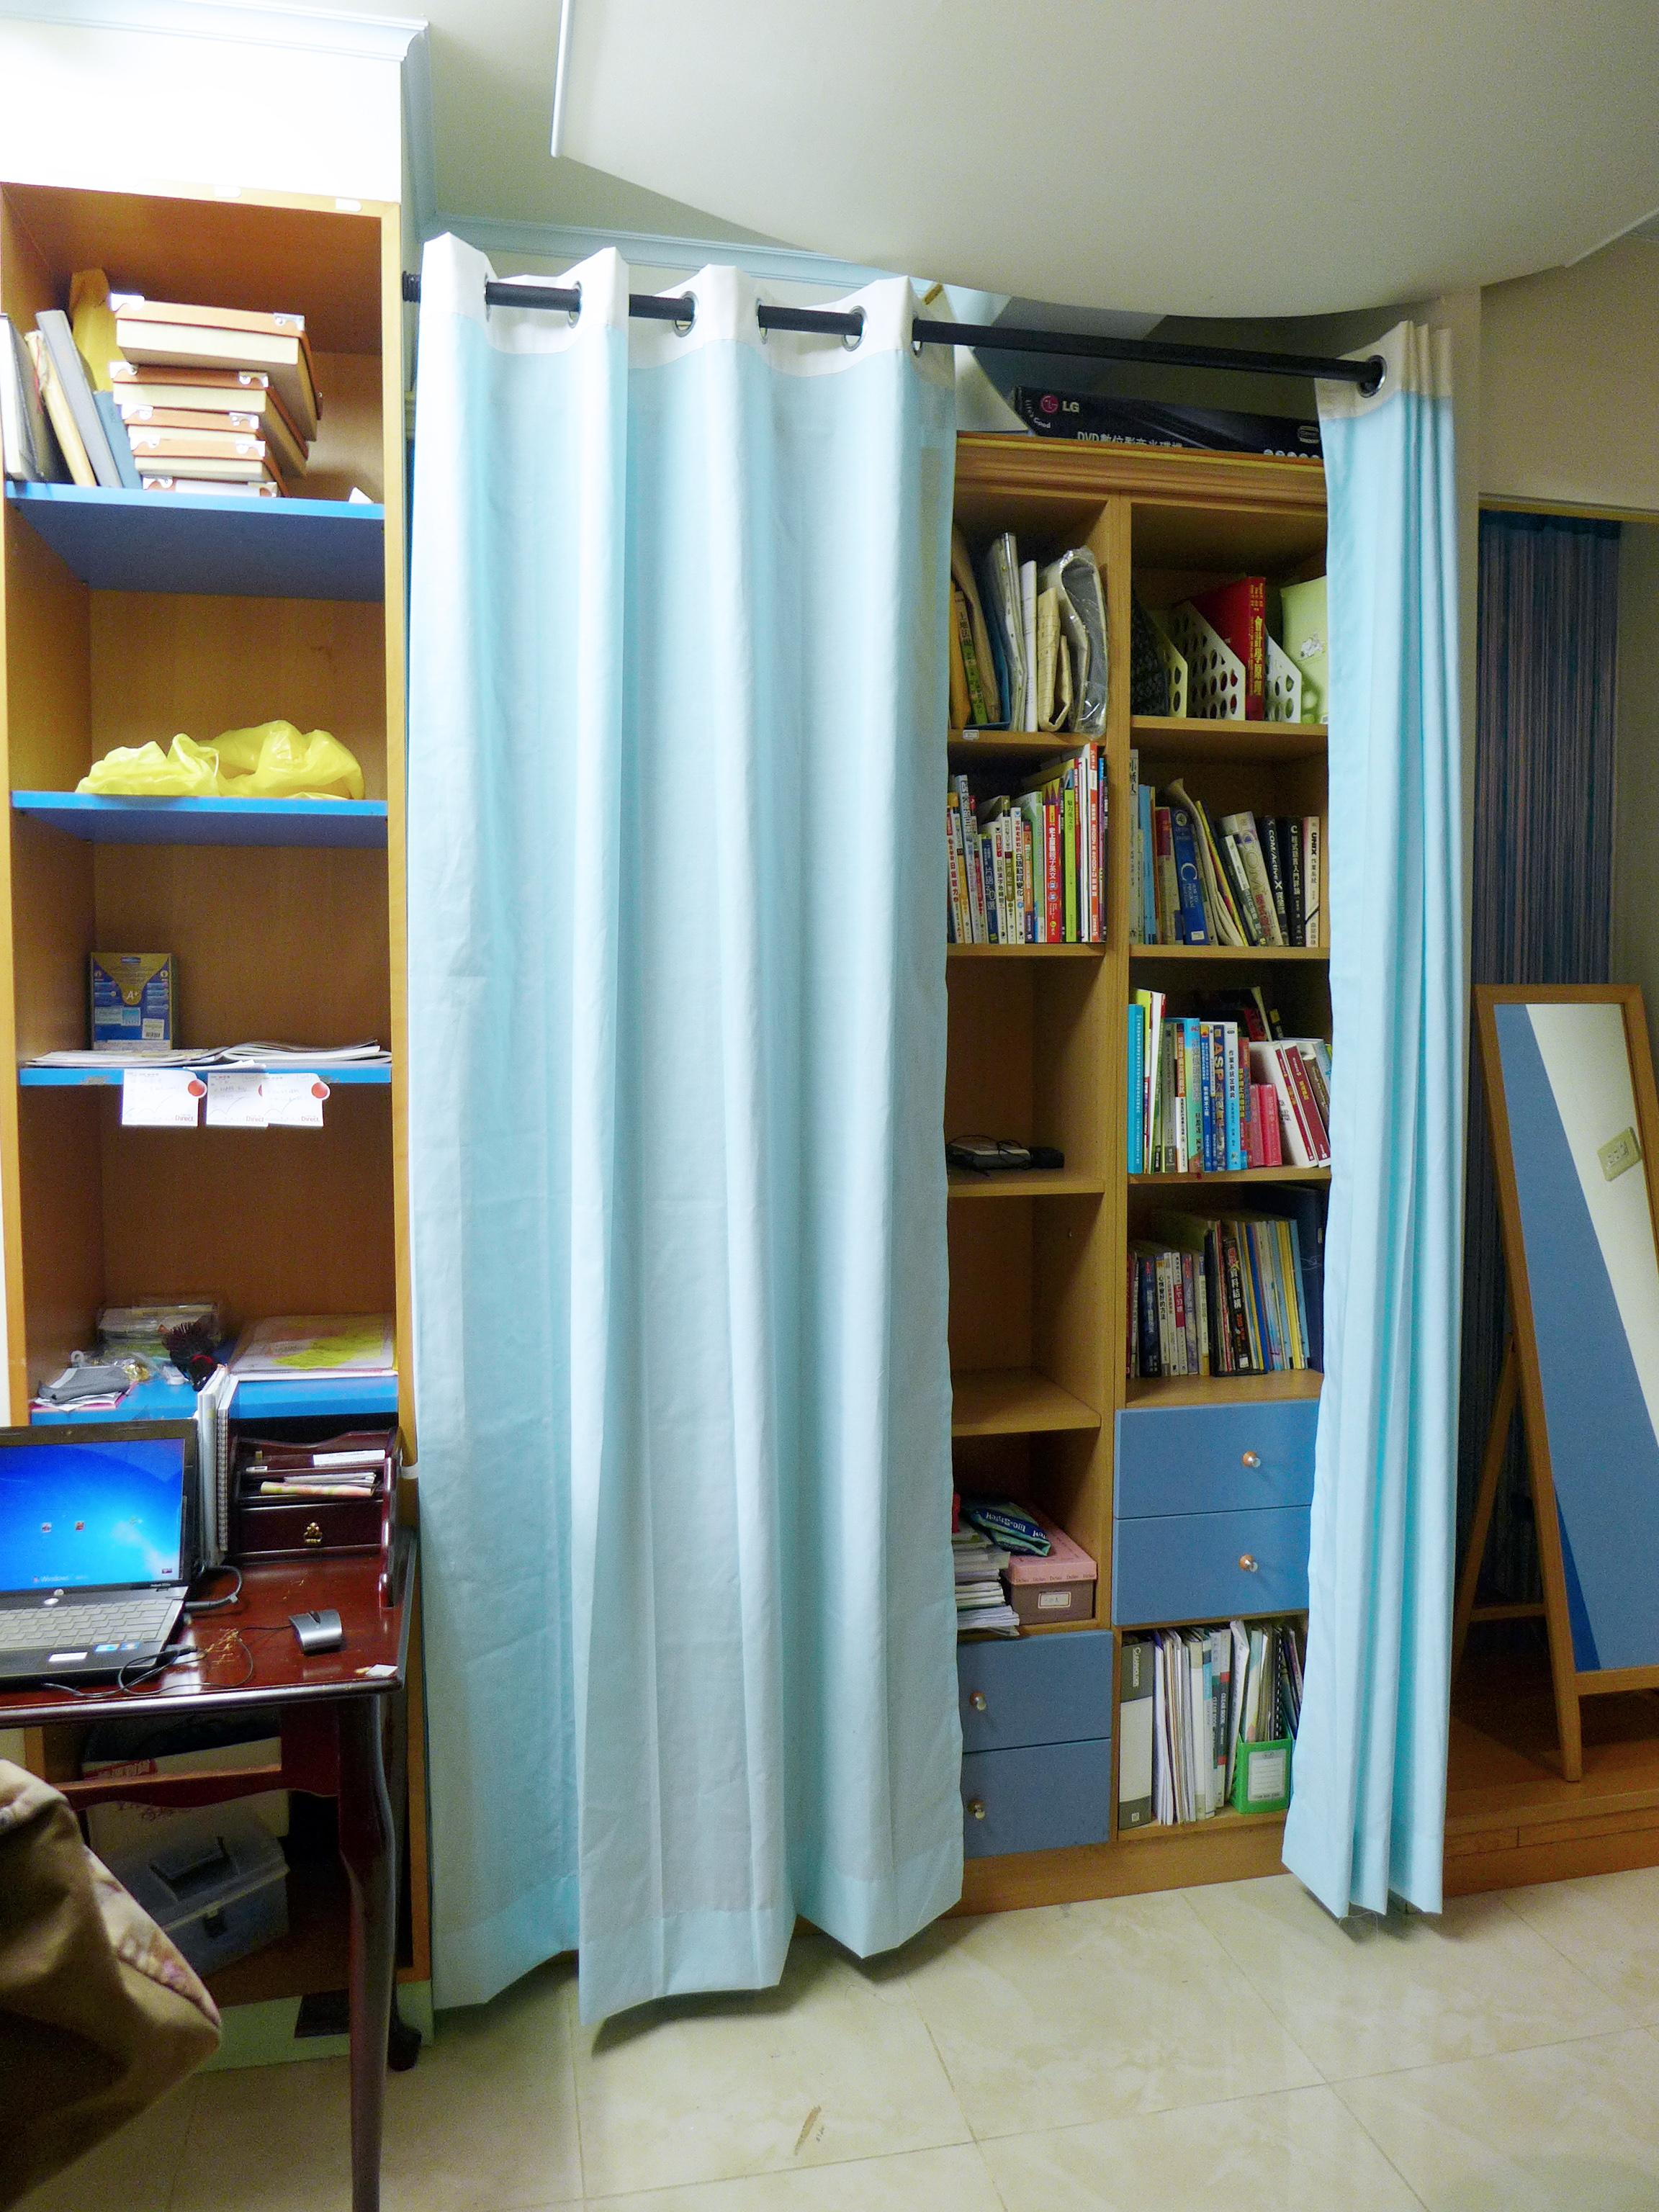 儲物遮蔽 布簾 窗簾 隔間簾 Curtain Partition